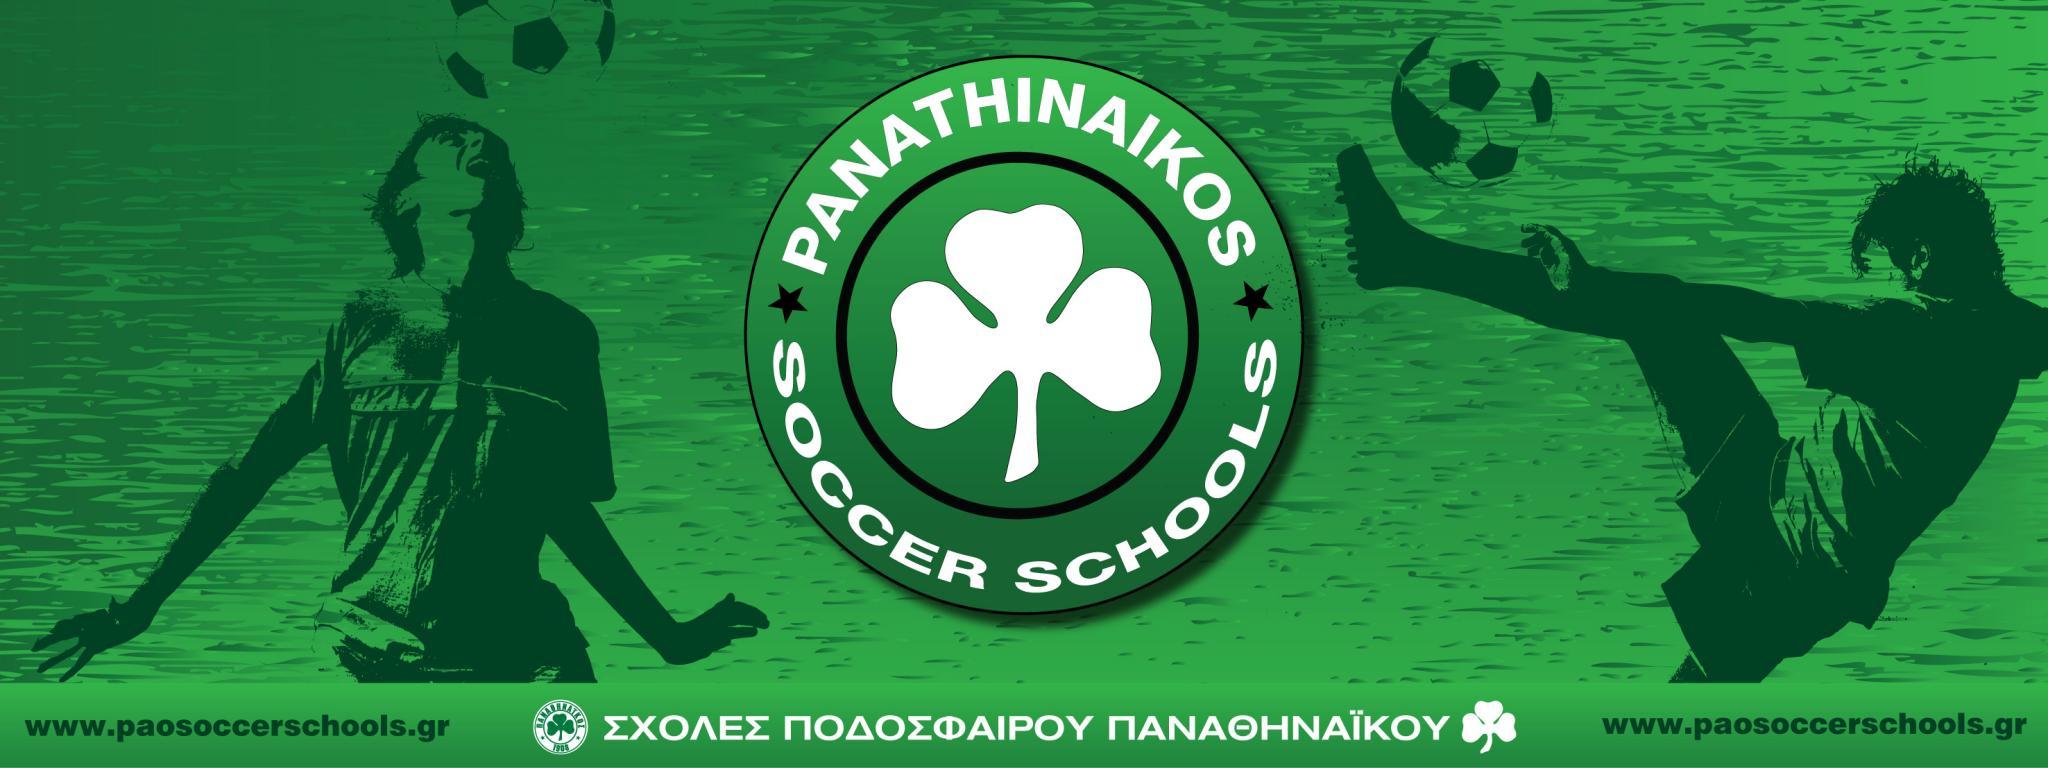 Τα «Panathinaikos Soccer Schools» στο «youngtalents»